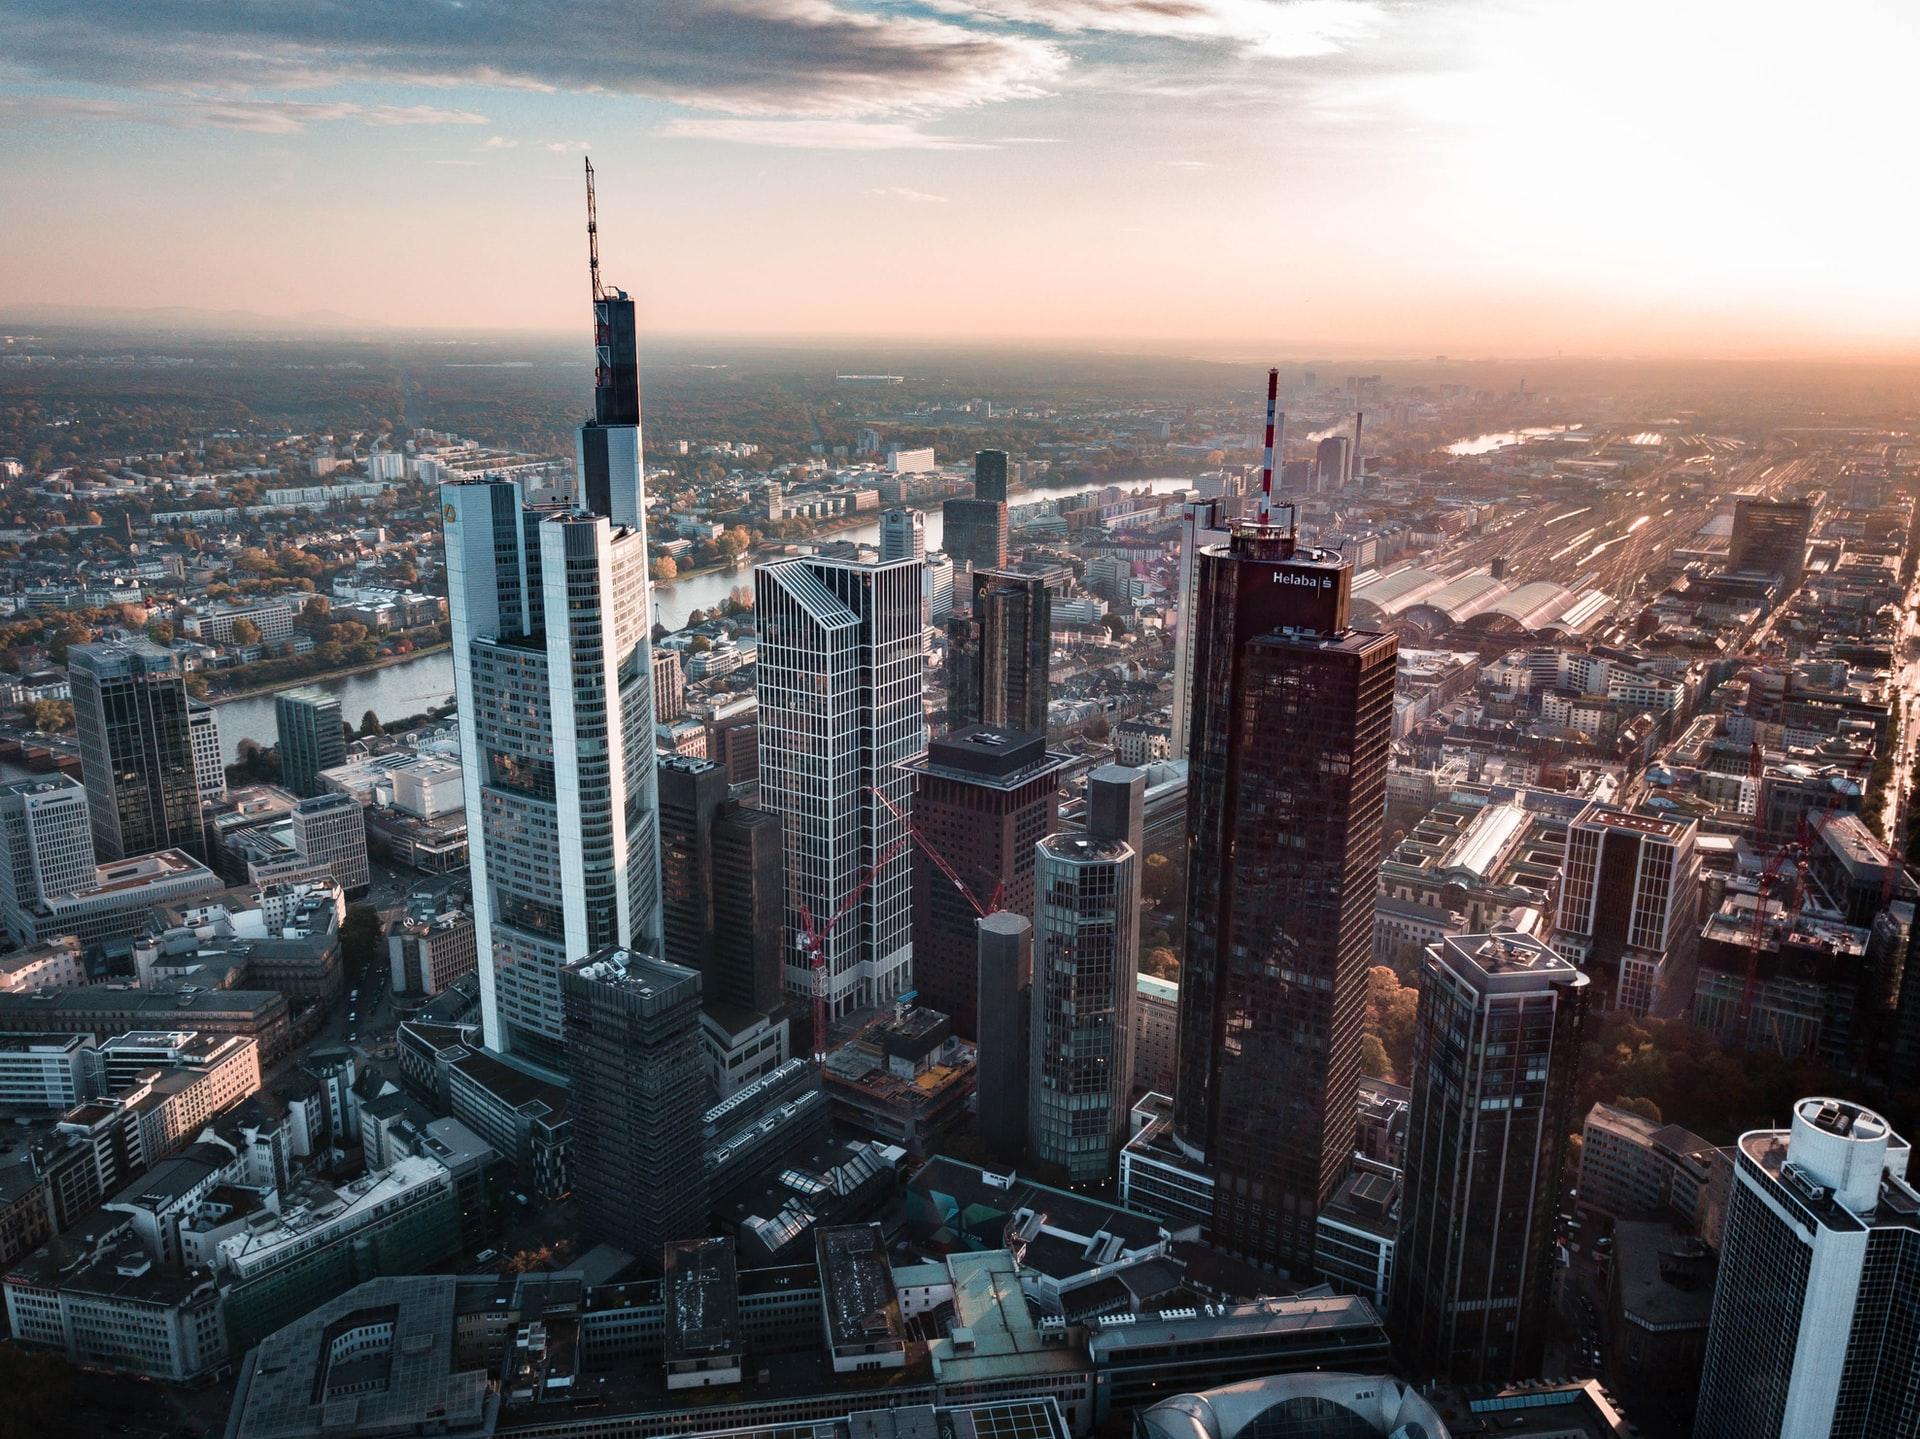 Raisin realisiert einheitliches Angebot für Kunden aus ganz Europa